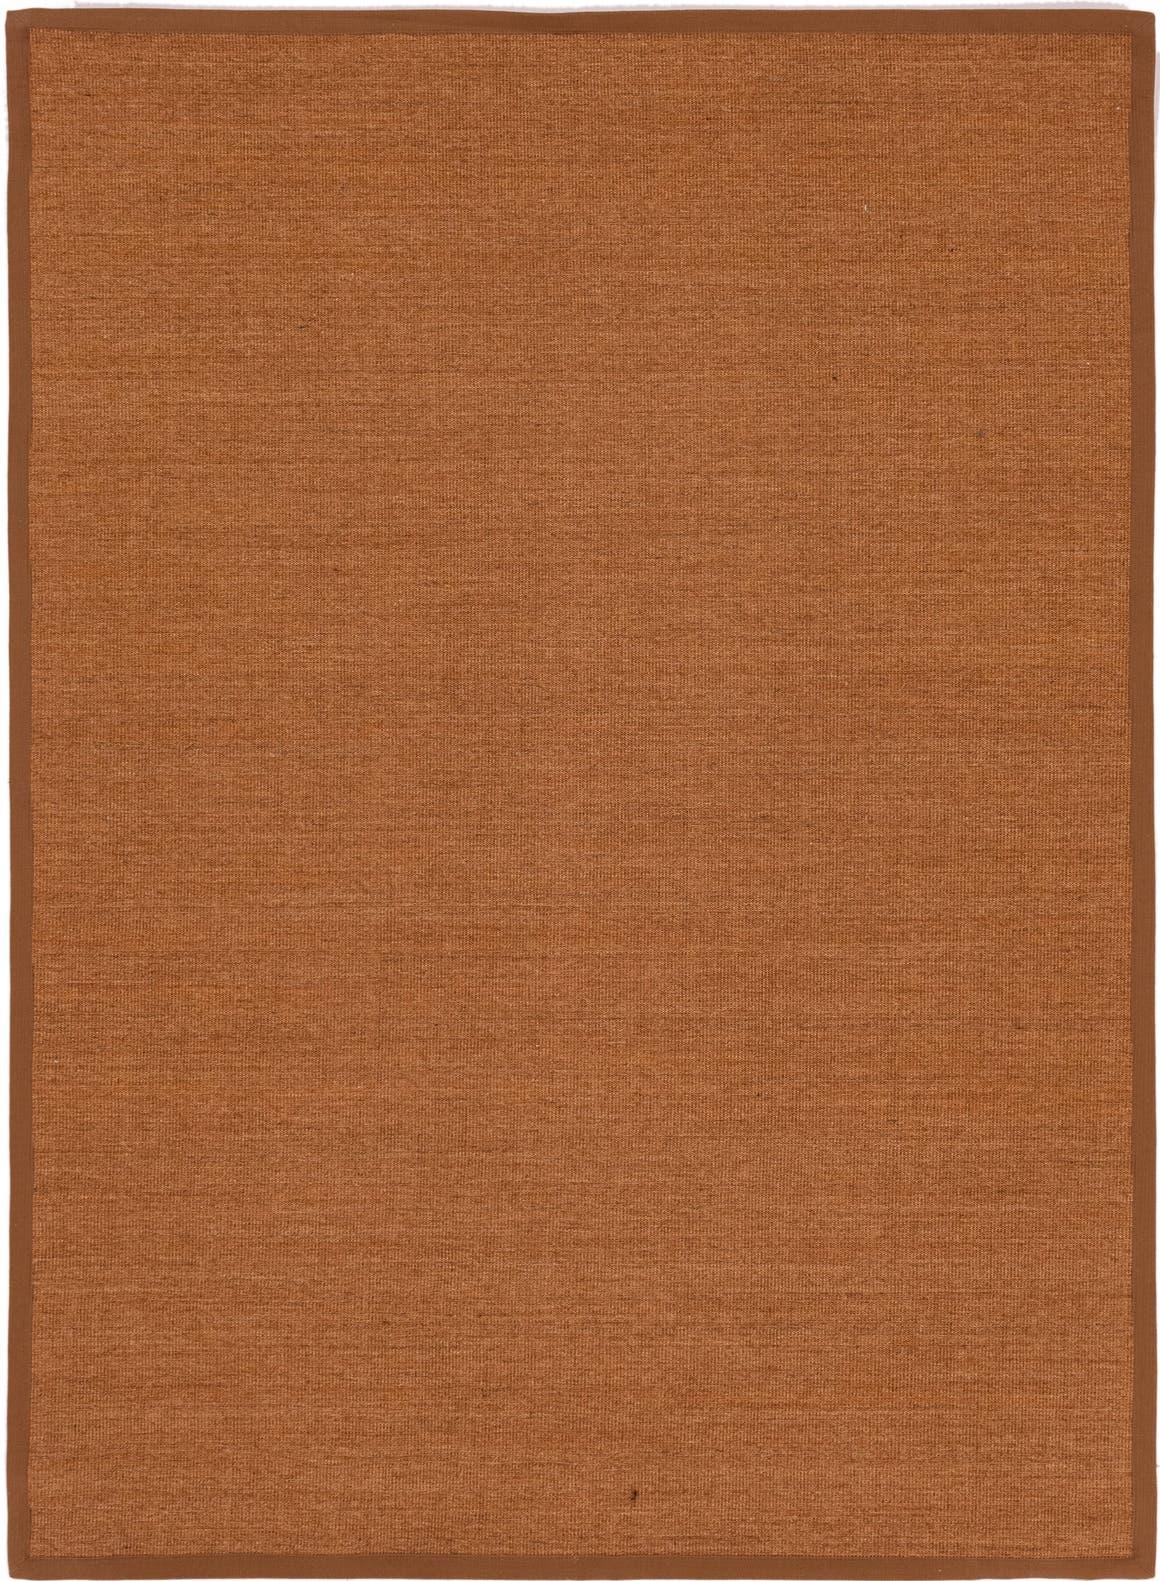 8' x 11' Sisal Rug main image